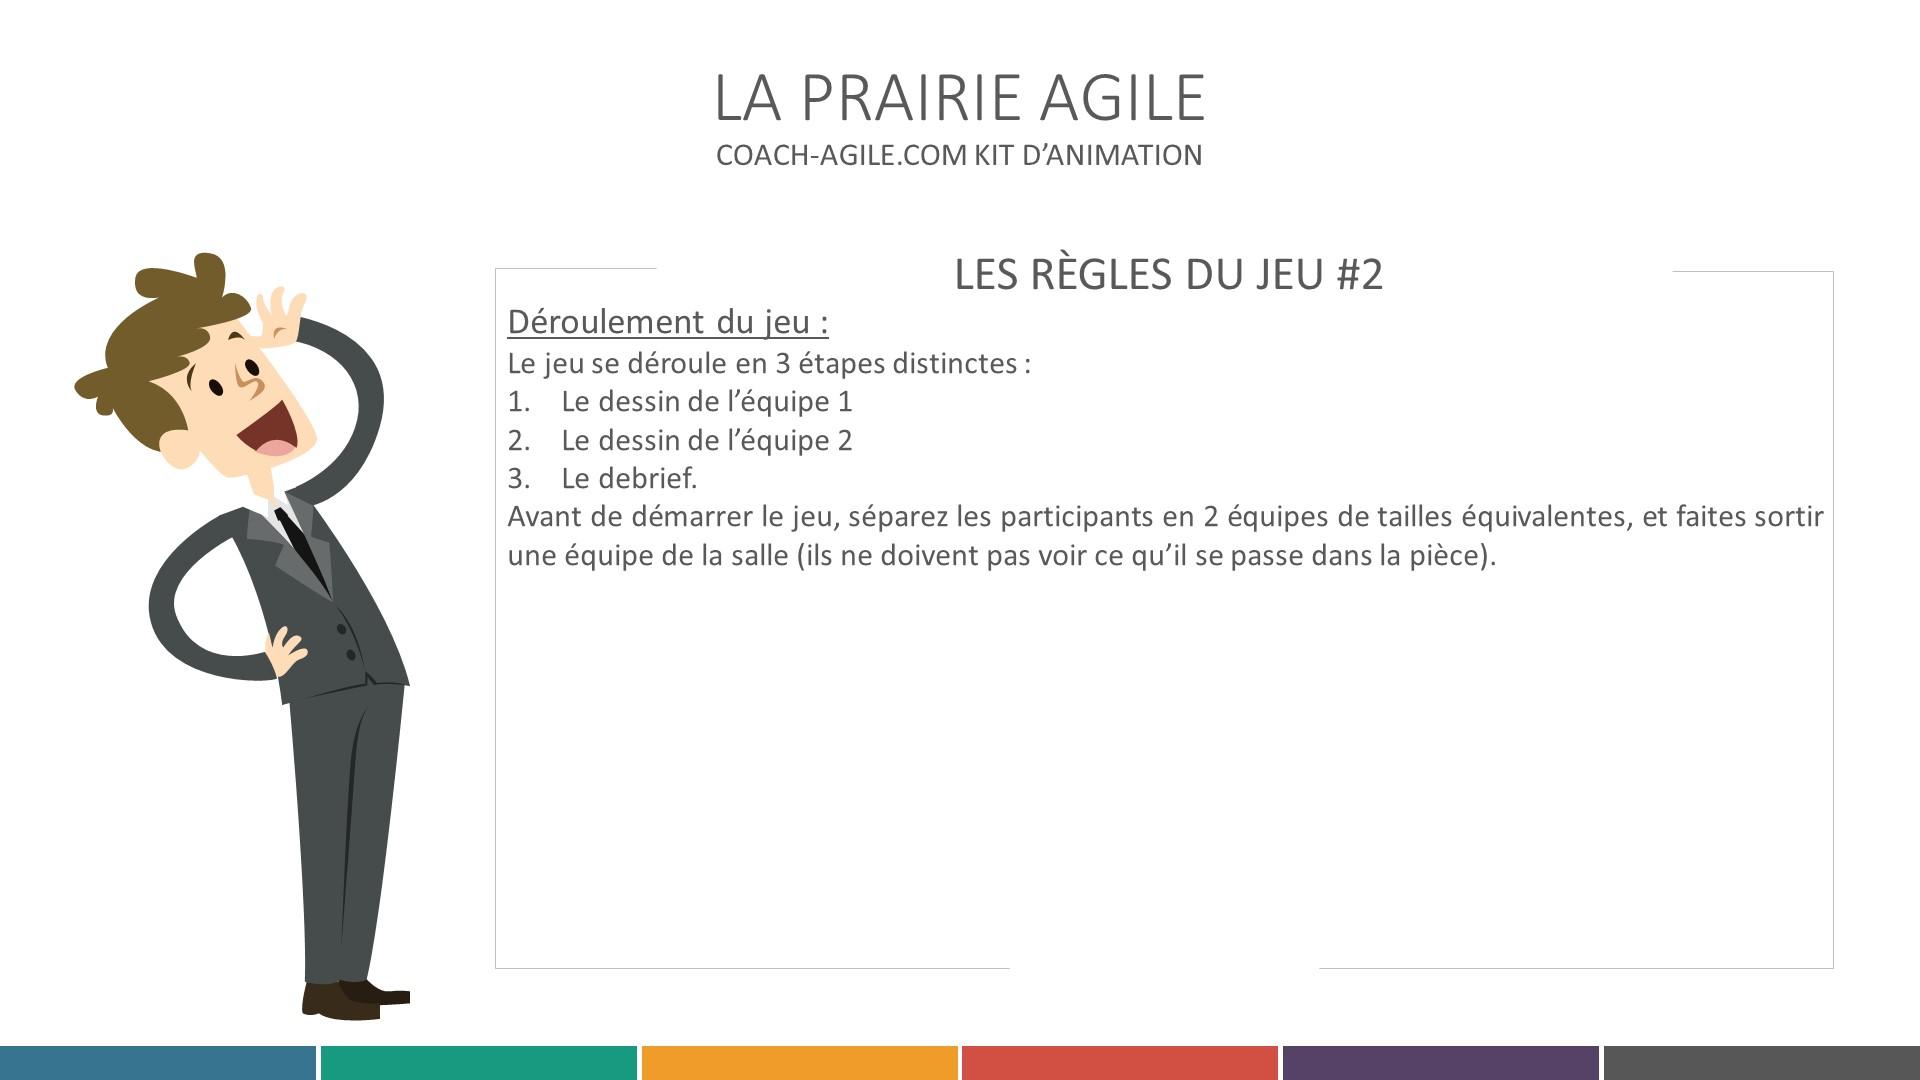 La Prairie Agile Coach Agile